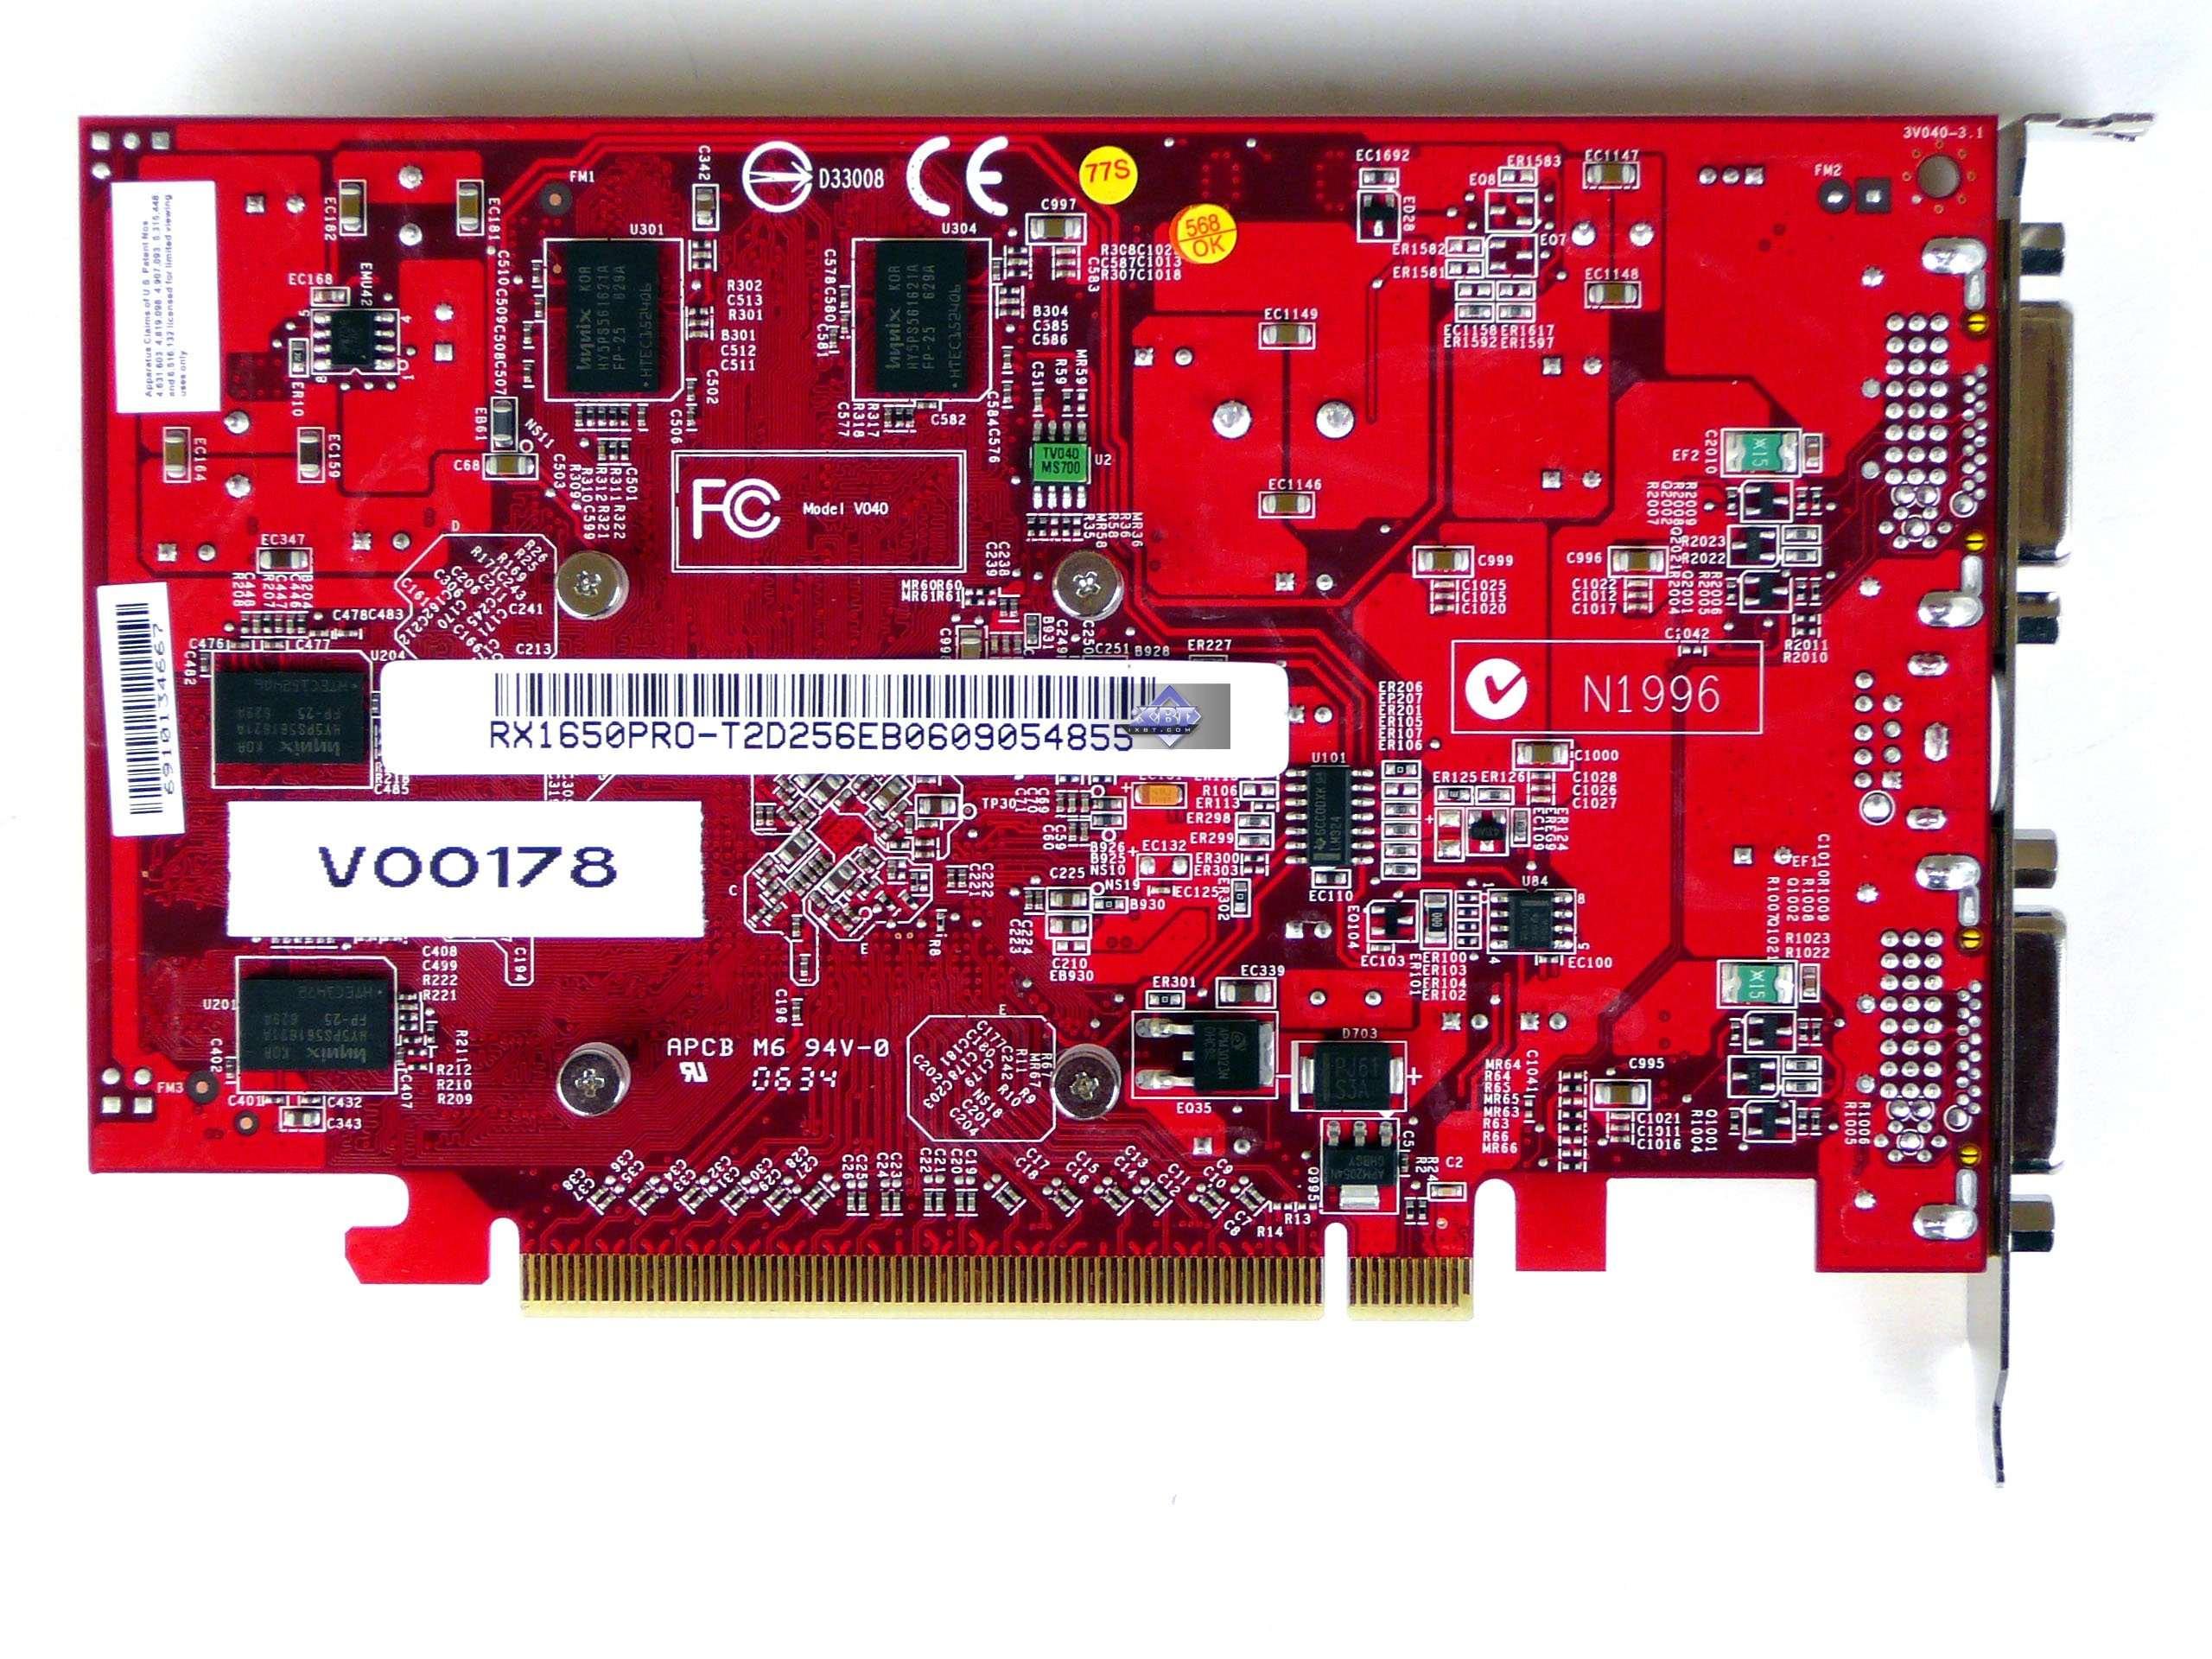 Дрова На Видеокарту Ati Radeon X1300